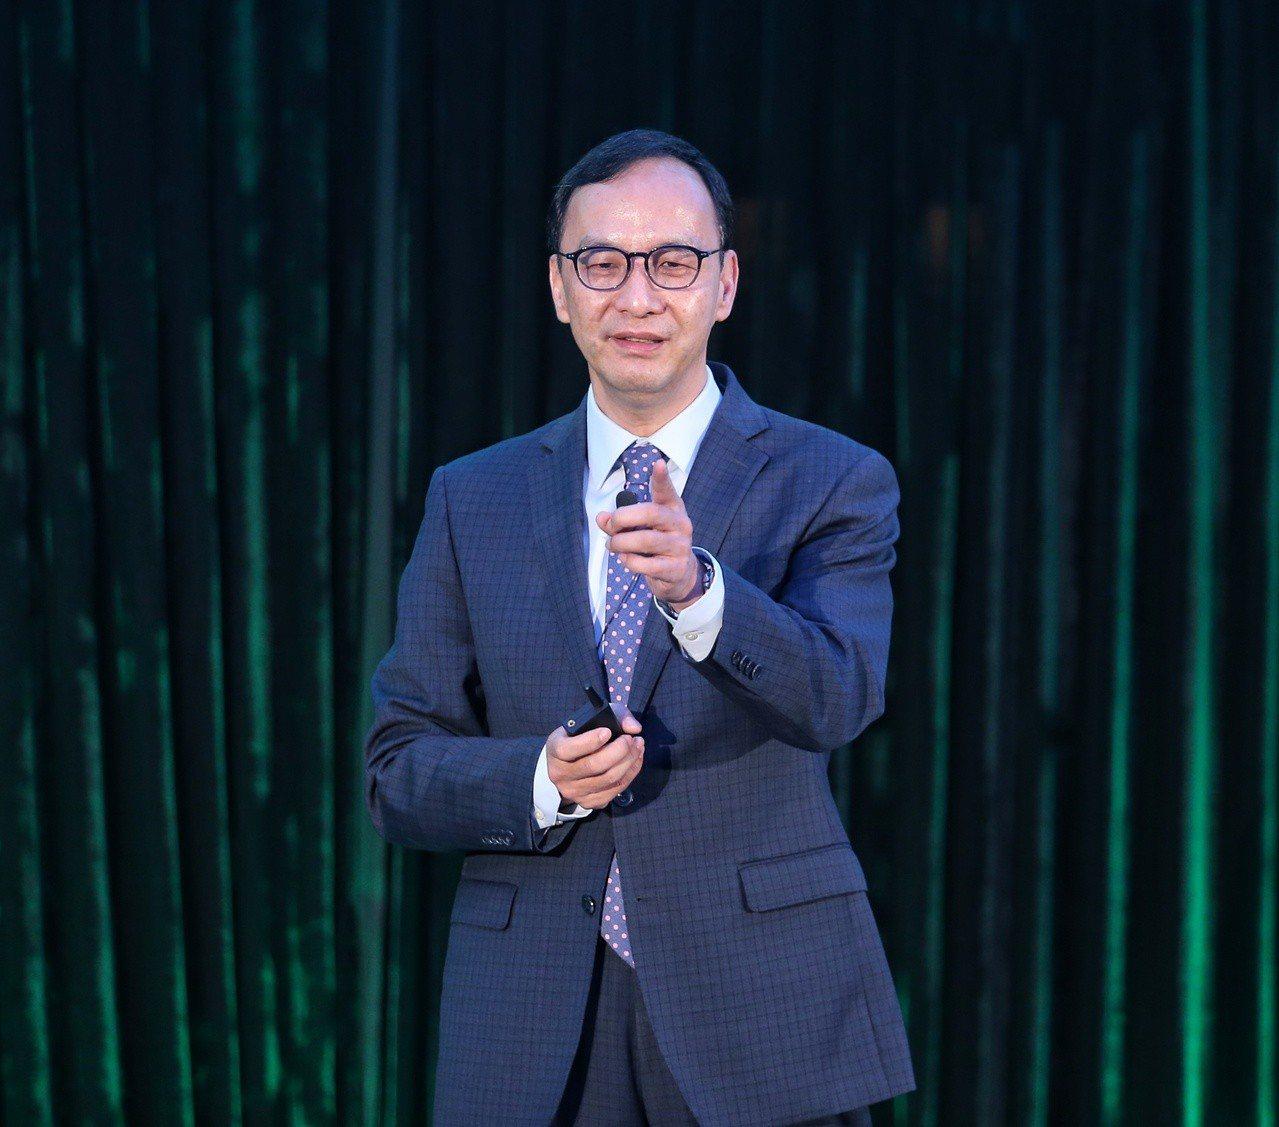 新北市前市長朱立倫上午出席亞太區高科技峰會,針對台灣科技與新創產業進行演講。記者...